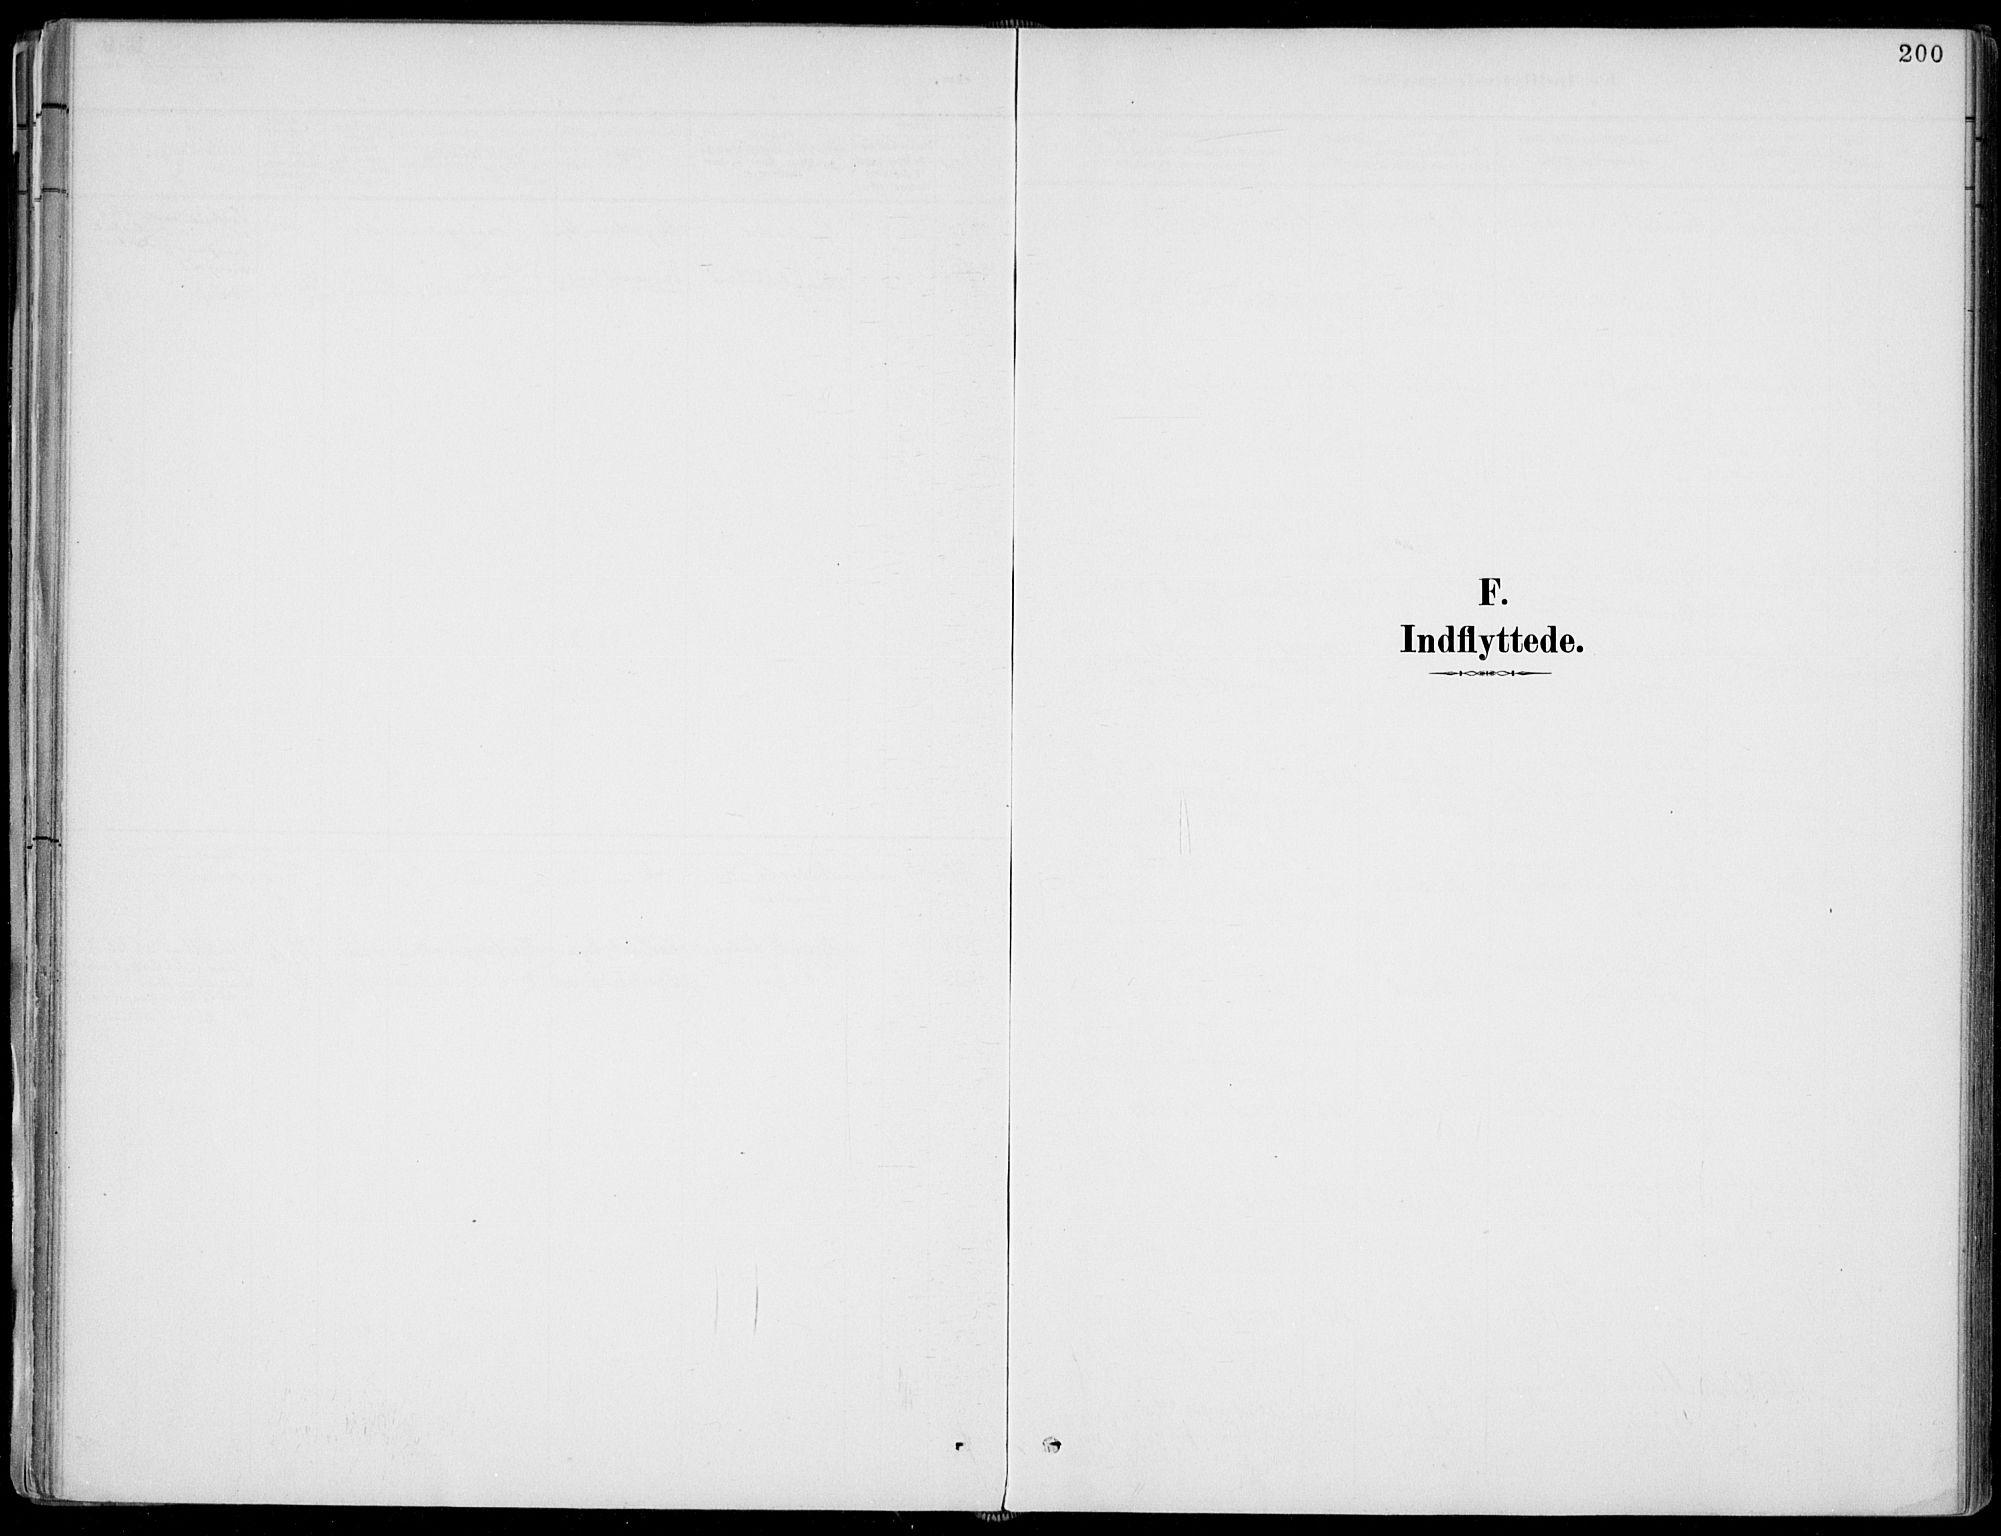 SAKO, Fyresdal kirkebøker, F/Fa/L0007: Ministerialbok nr. I 7, 1887-1914, s. 200